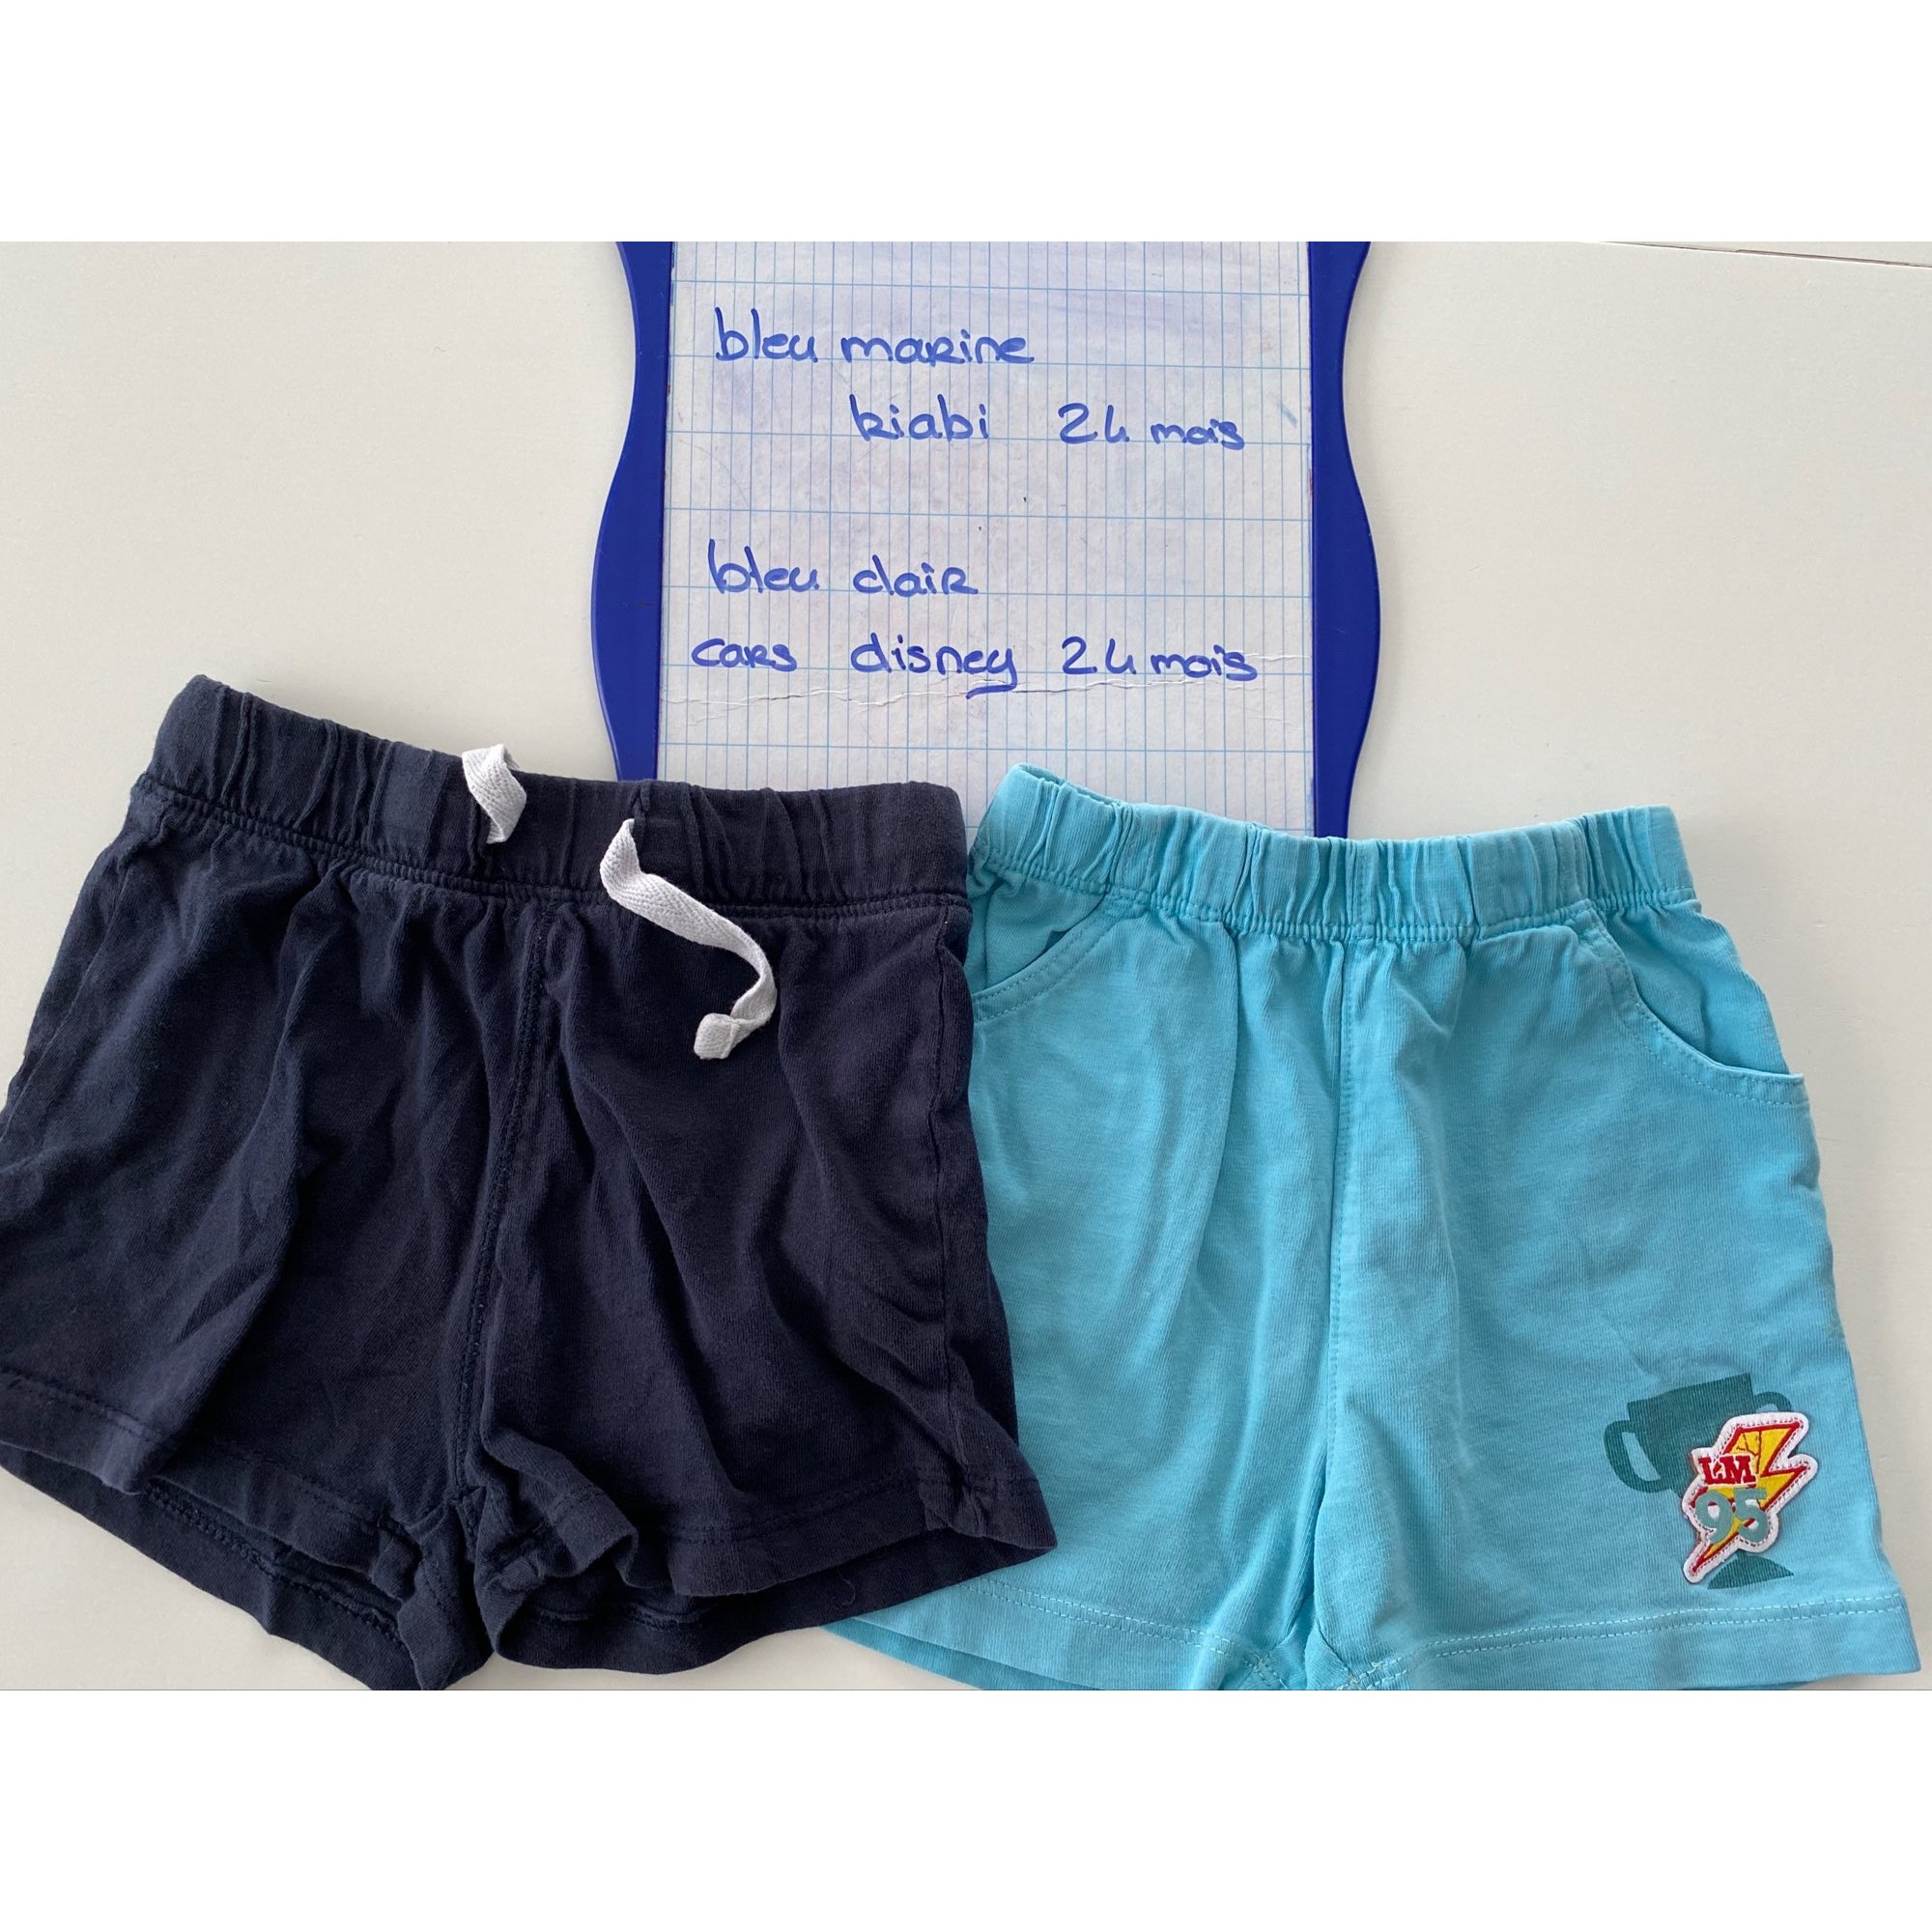 Shorts KIABI Blue, navy, turquoise